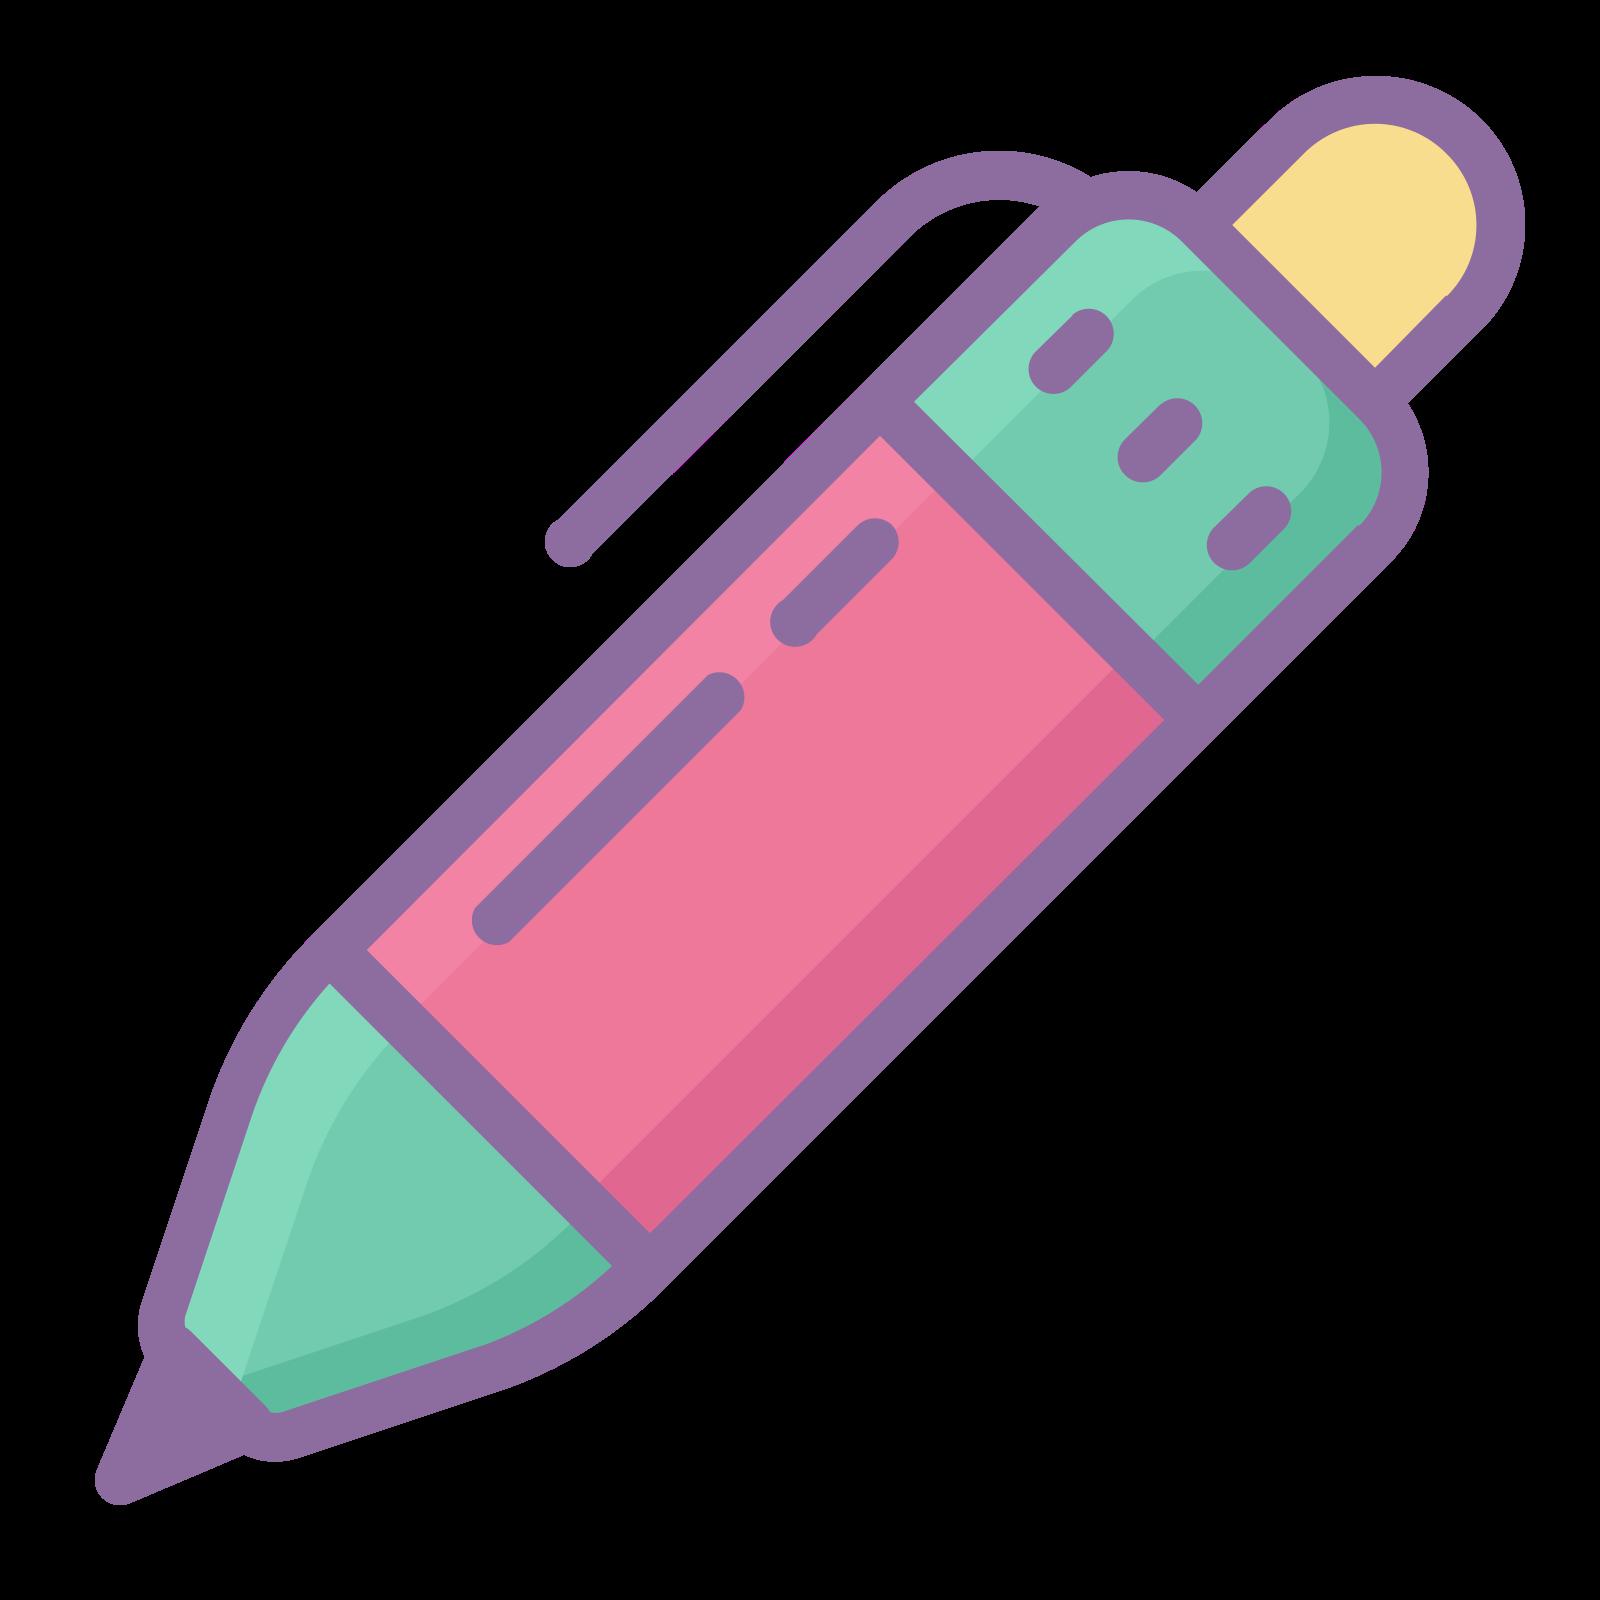 ボールペン icon. It is cylinder in shape.  It has a clip on its side to clip onto a notebook or shirt pocket.  It also has a button on the top you press to dispense the nib to write with.